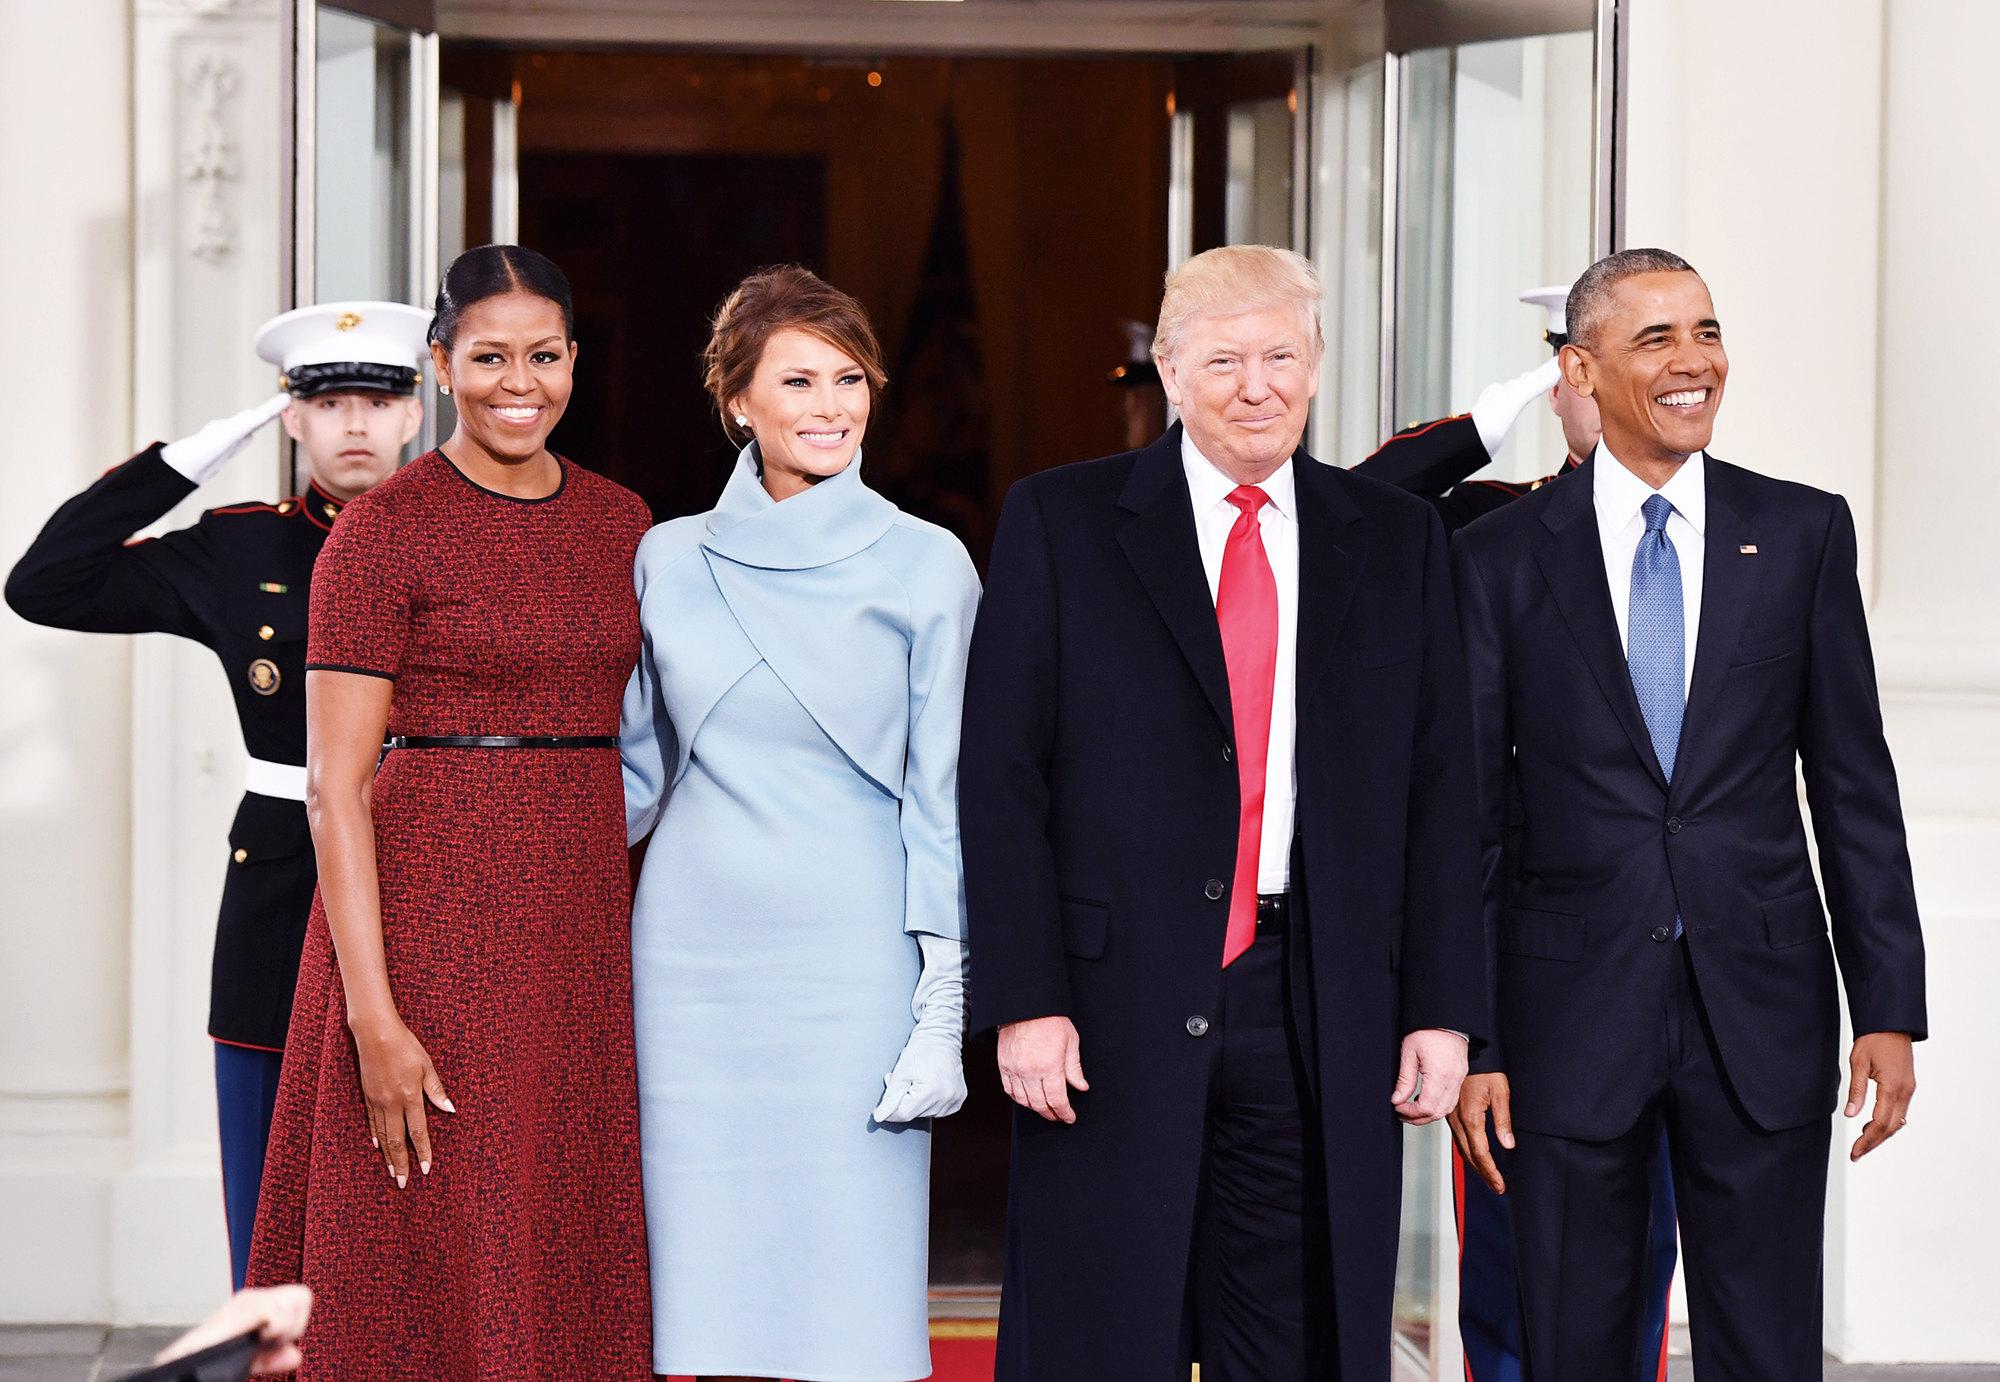 Барак Обама и Дональд Трамп на пороге Белого дома